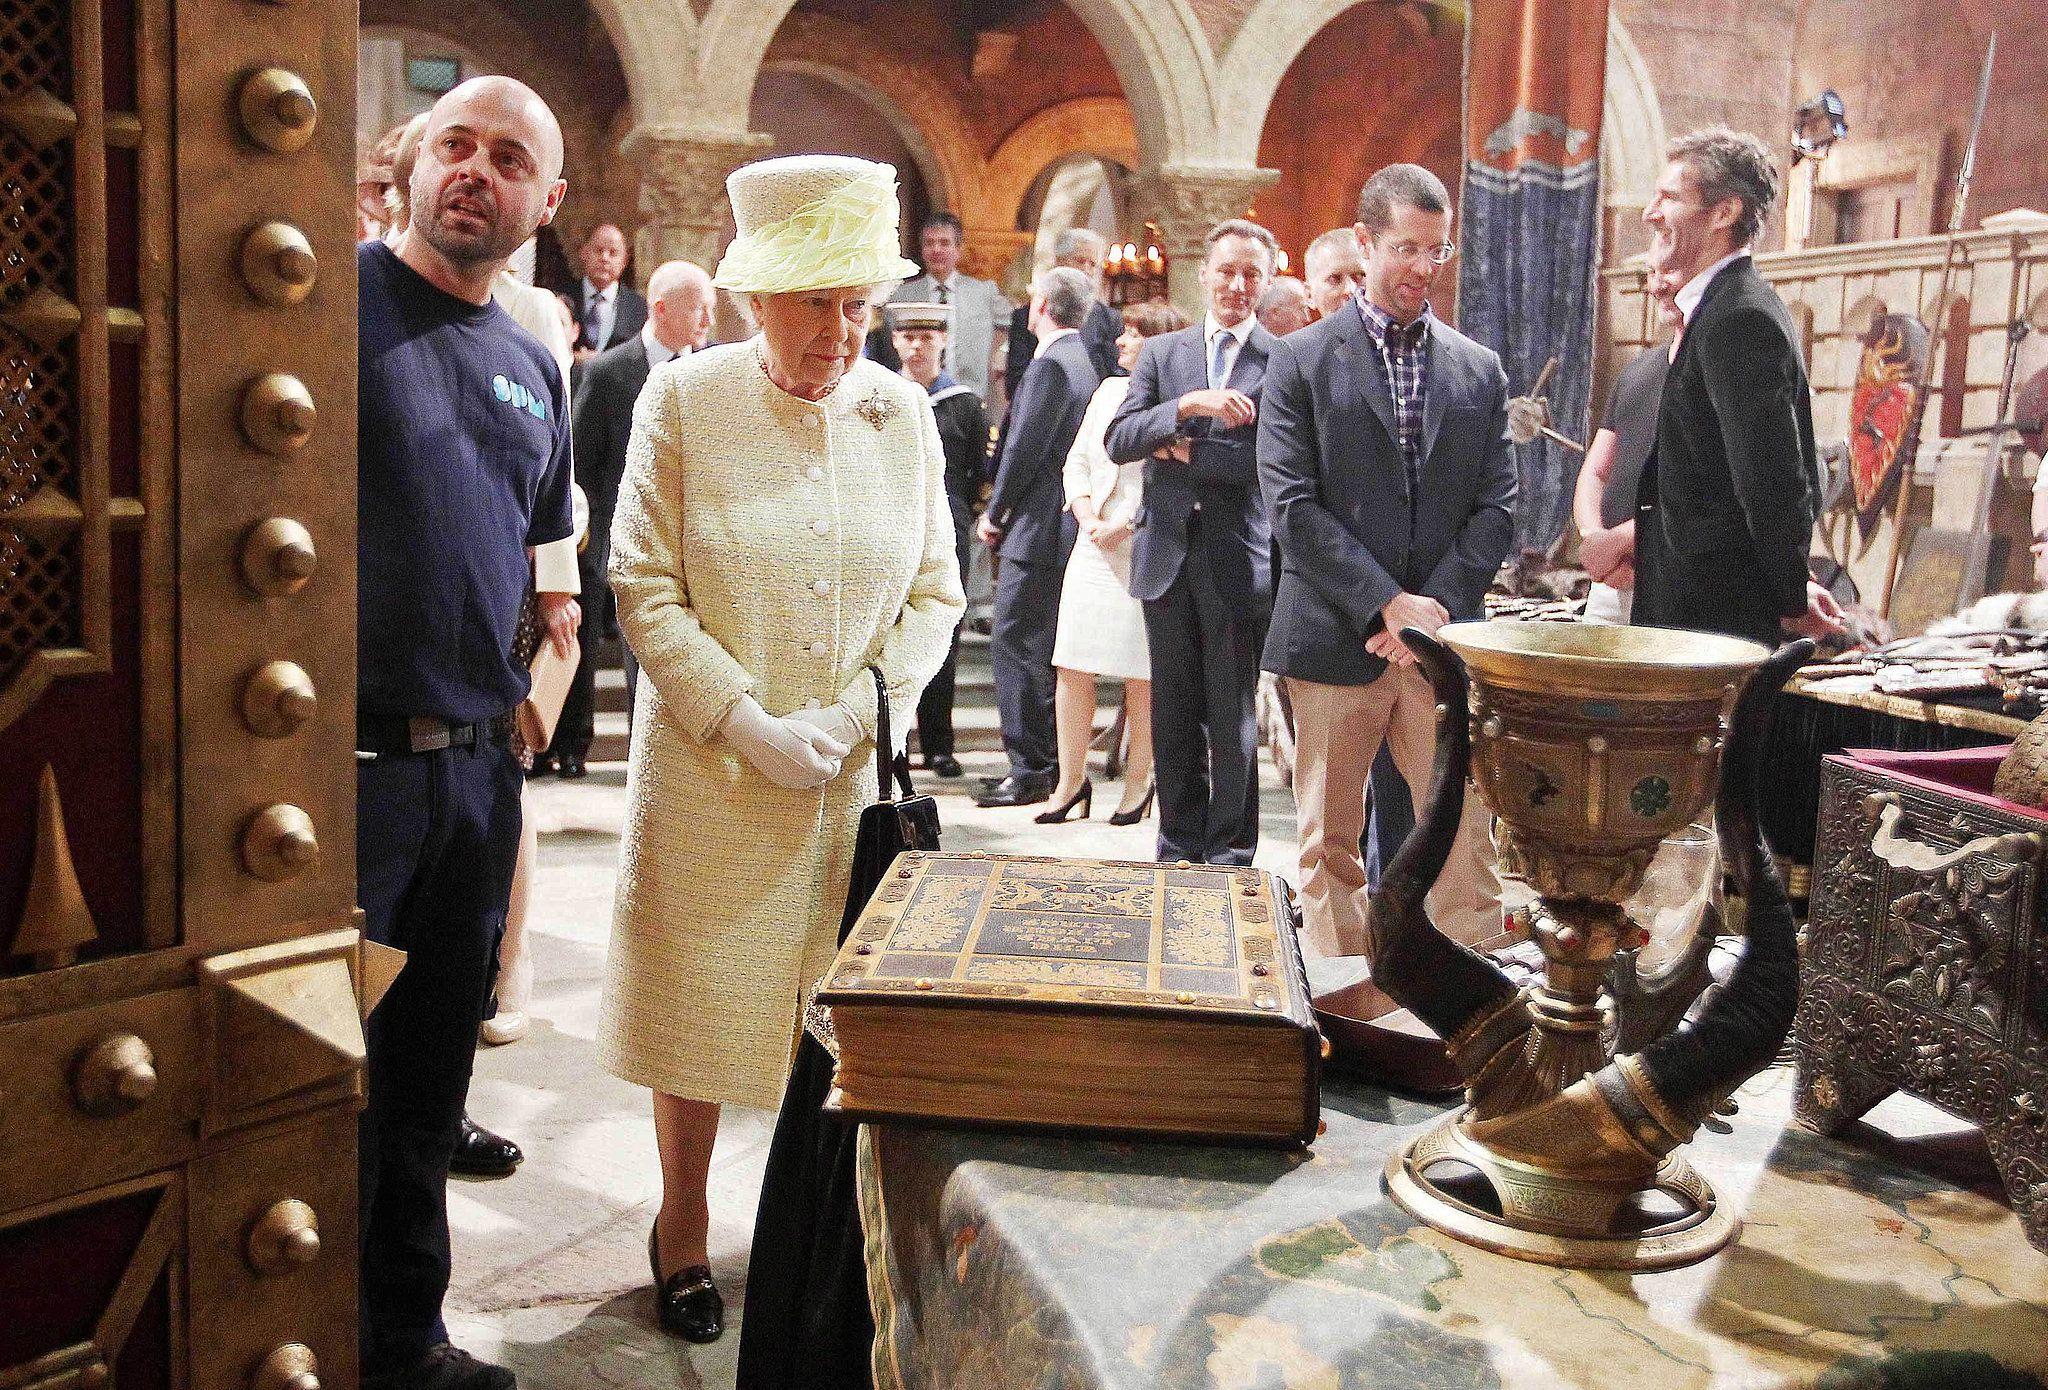 Queen Elizabeth II visiting the Belfast set of Game of Thrones.